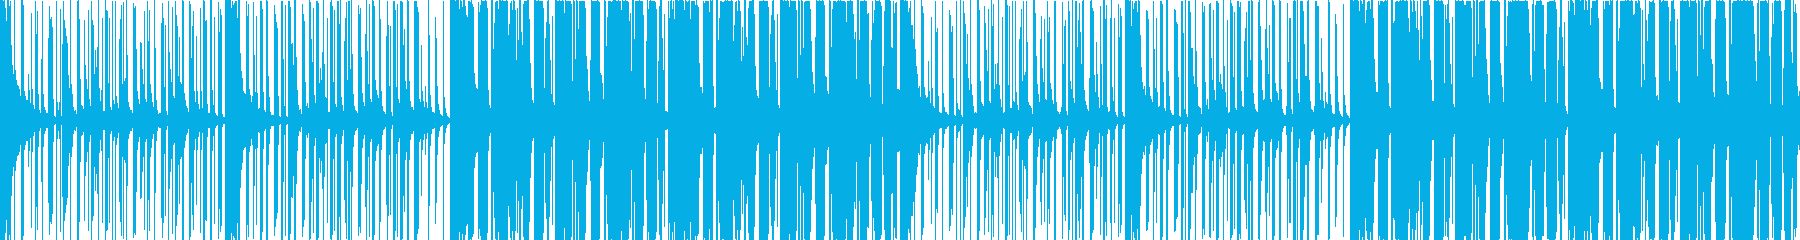 【ハロウィン】キッズホラー系【怖楽しい】の再生済みの波形